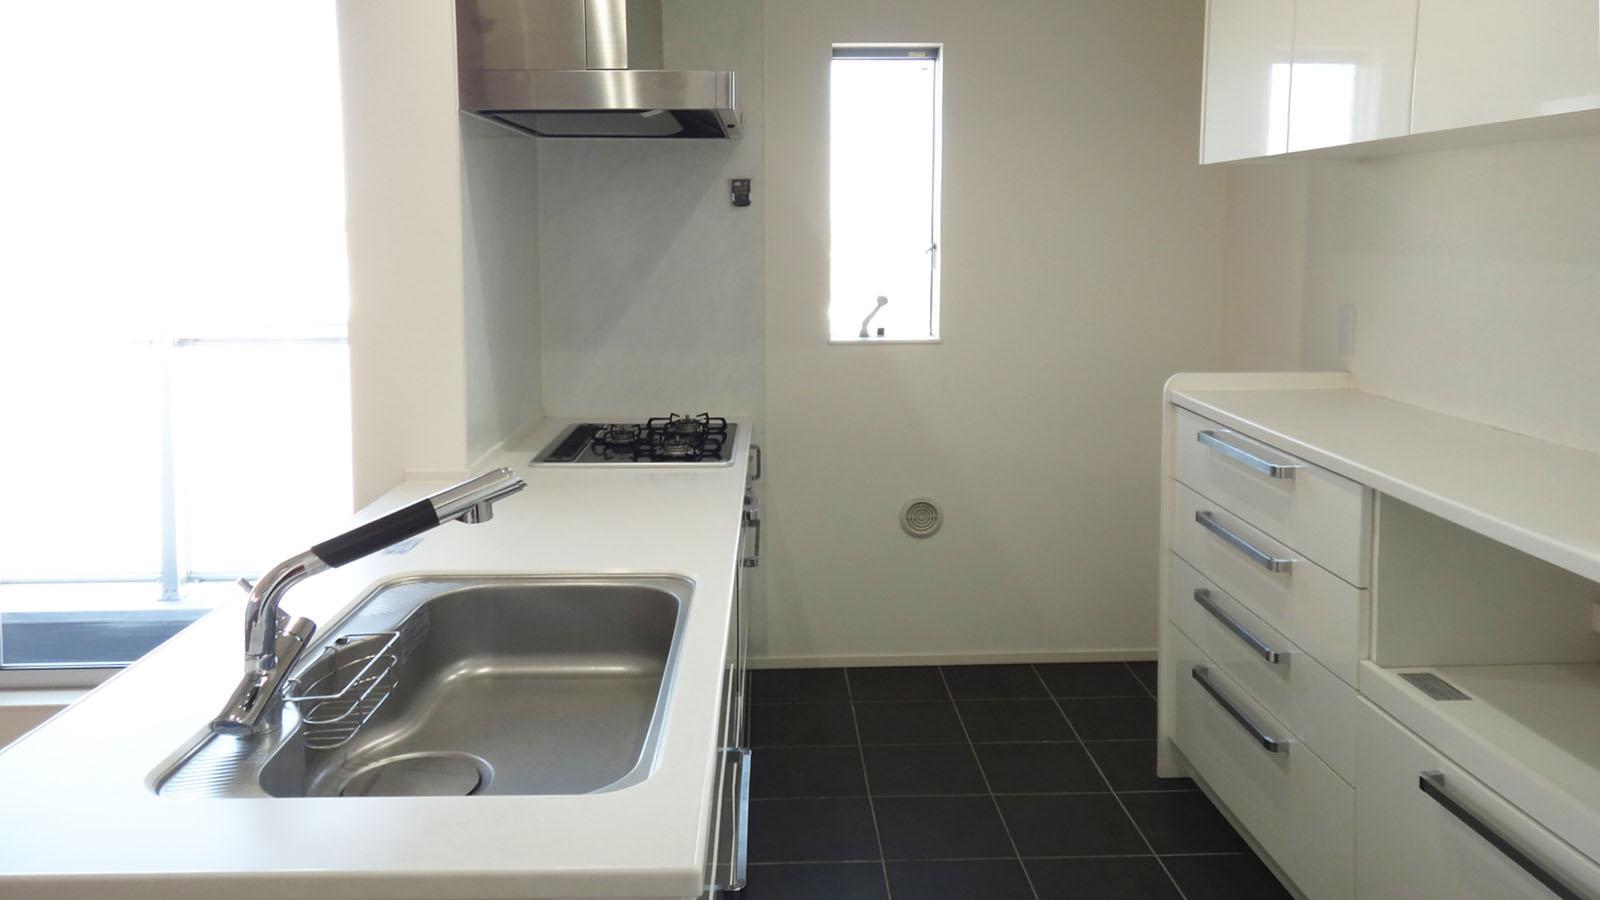 幅広の対面キッチンと背面にはカップボードがしっかりと設けられています